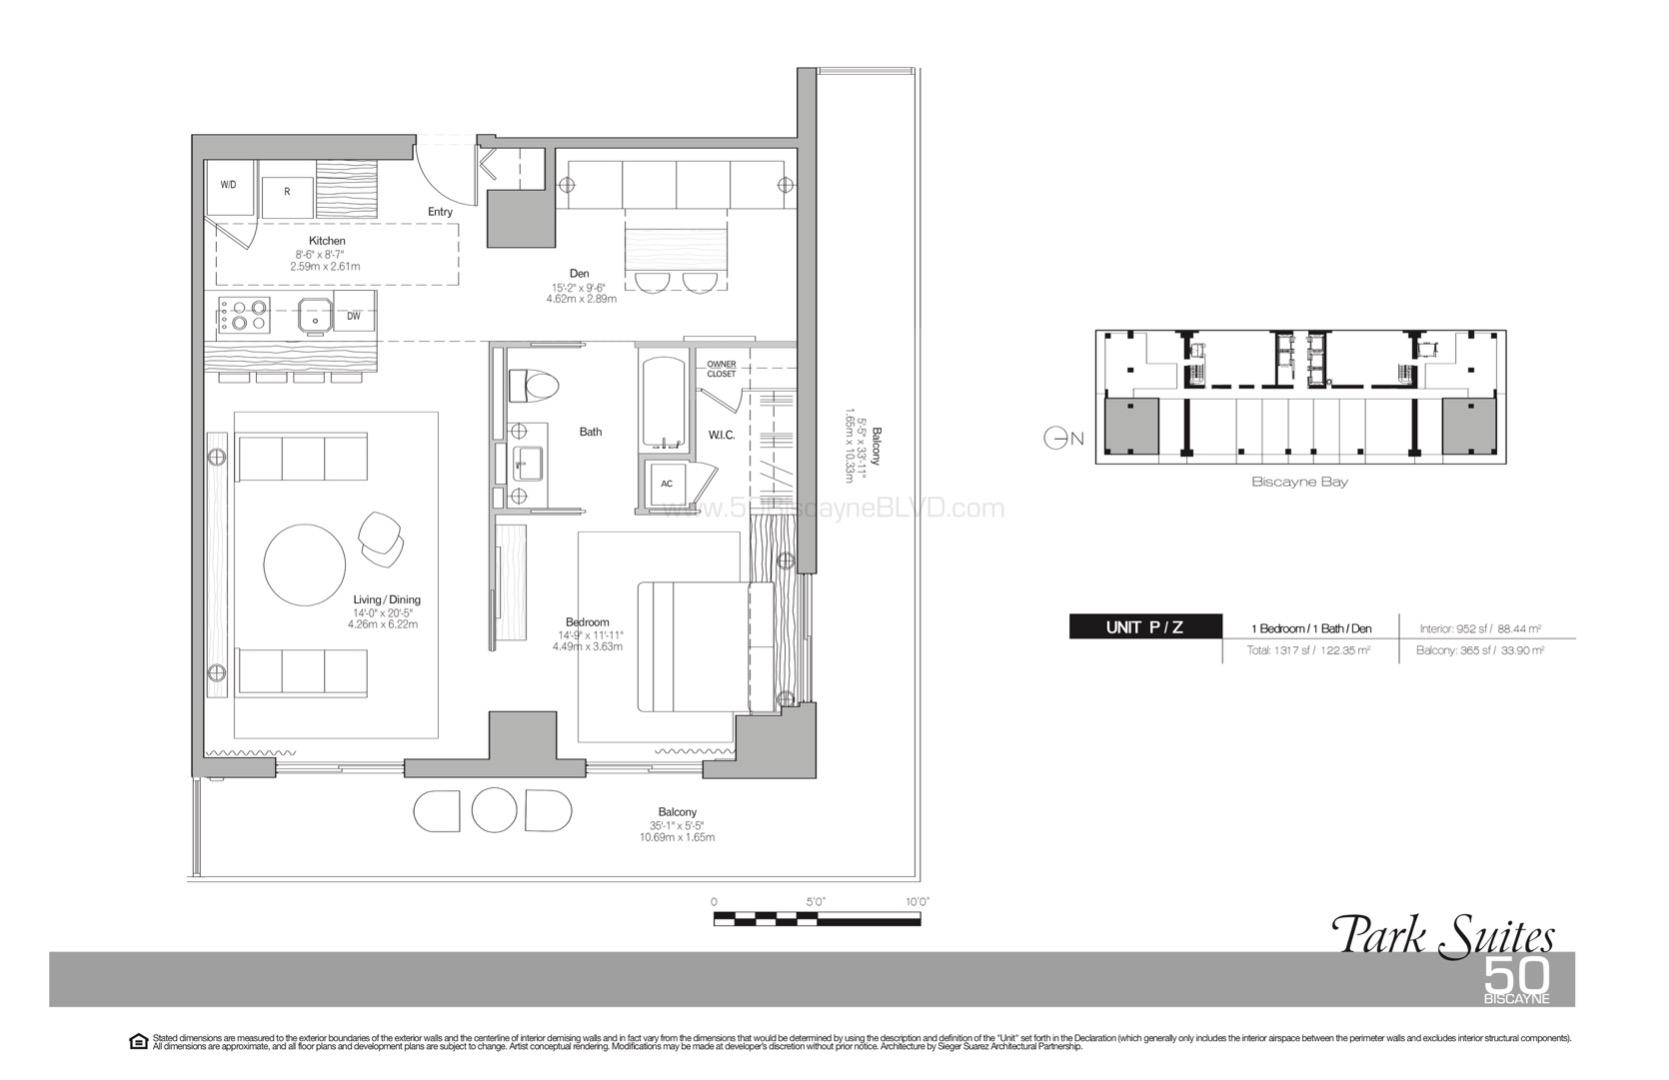 Floor plan image Park Suites P-Z - 1/1/Den  - 952 sqft image